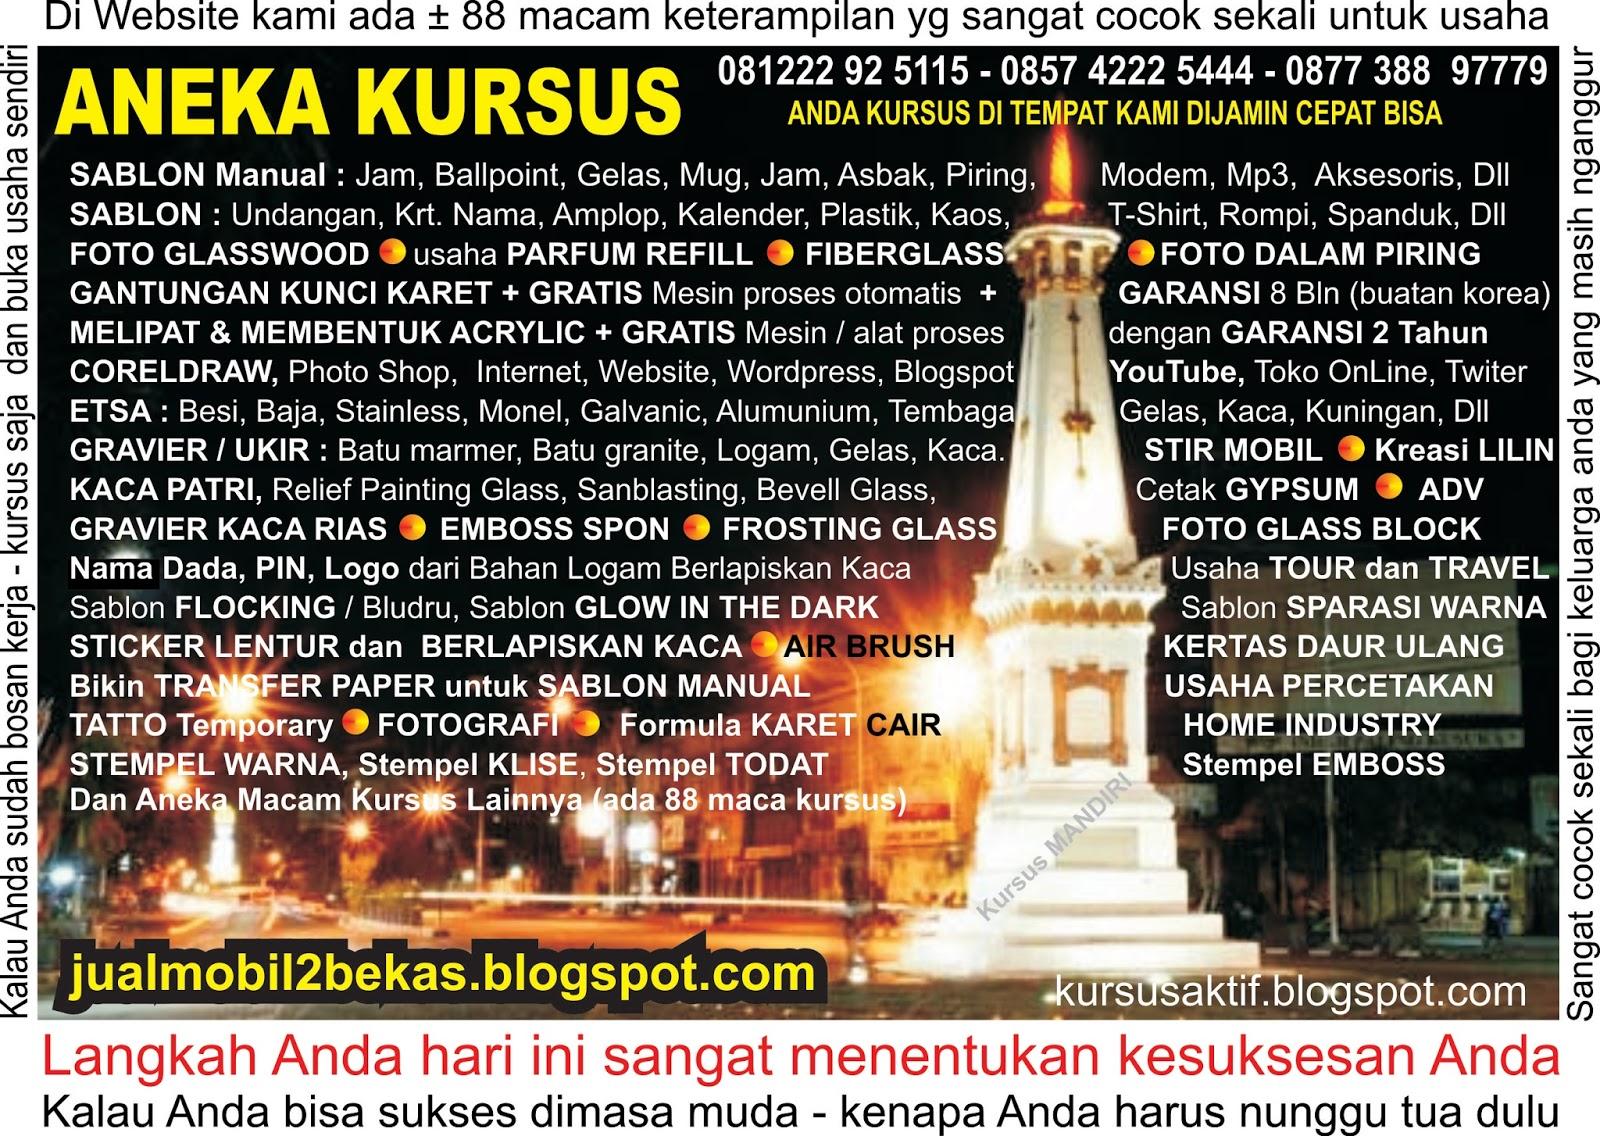 Jual Baja Ringan Murah Di Bogor Gantungan Kunci Karet, Sablon Kaos Dan Gelas, Percetakan ...